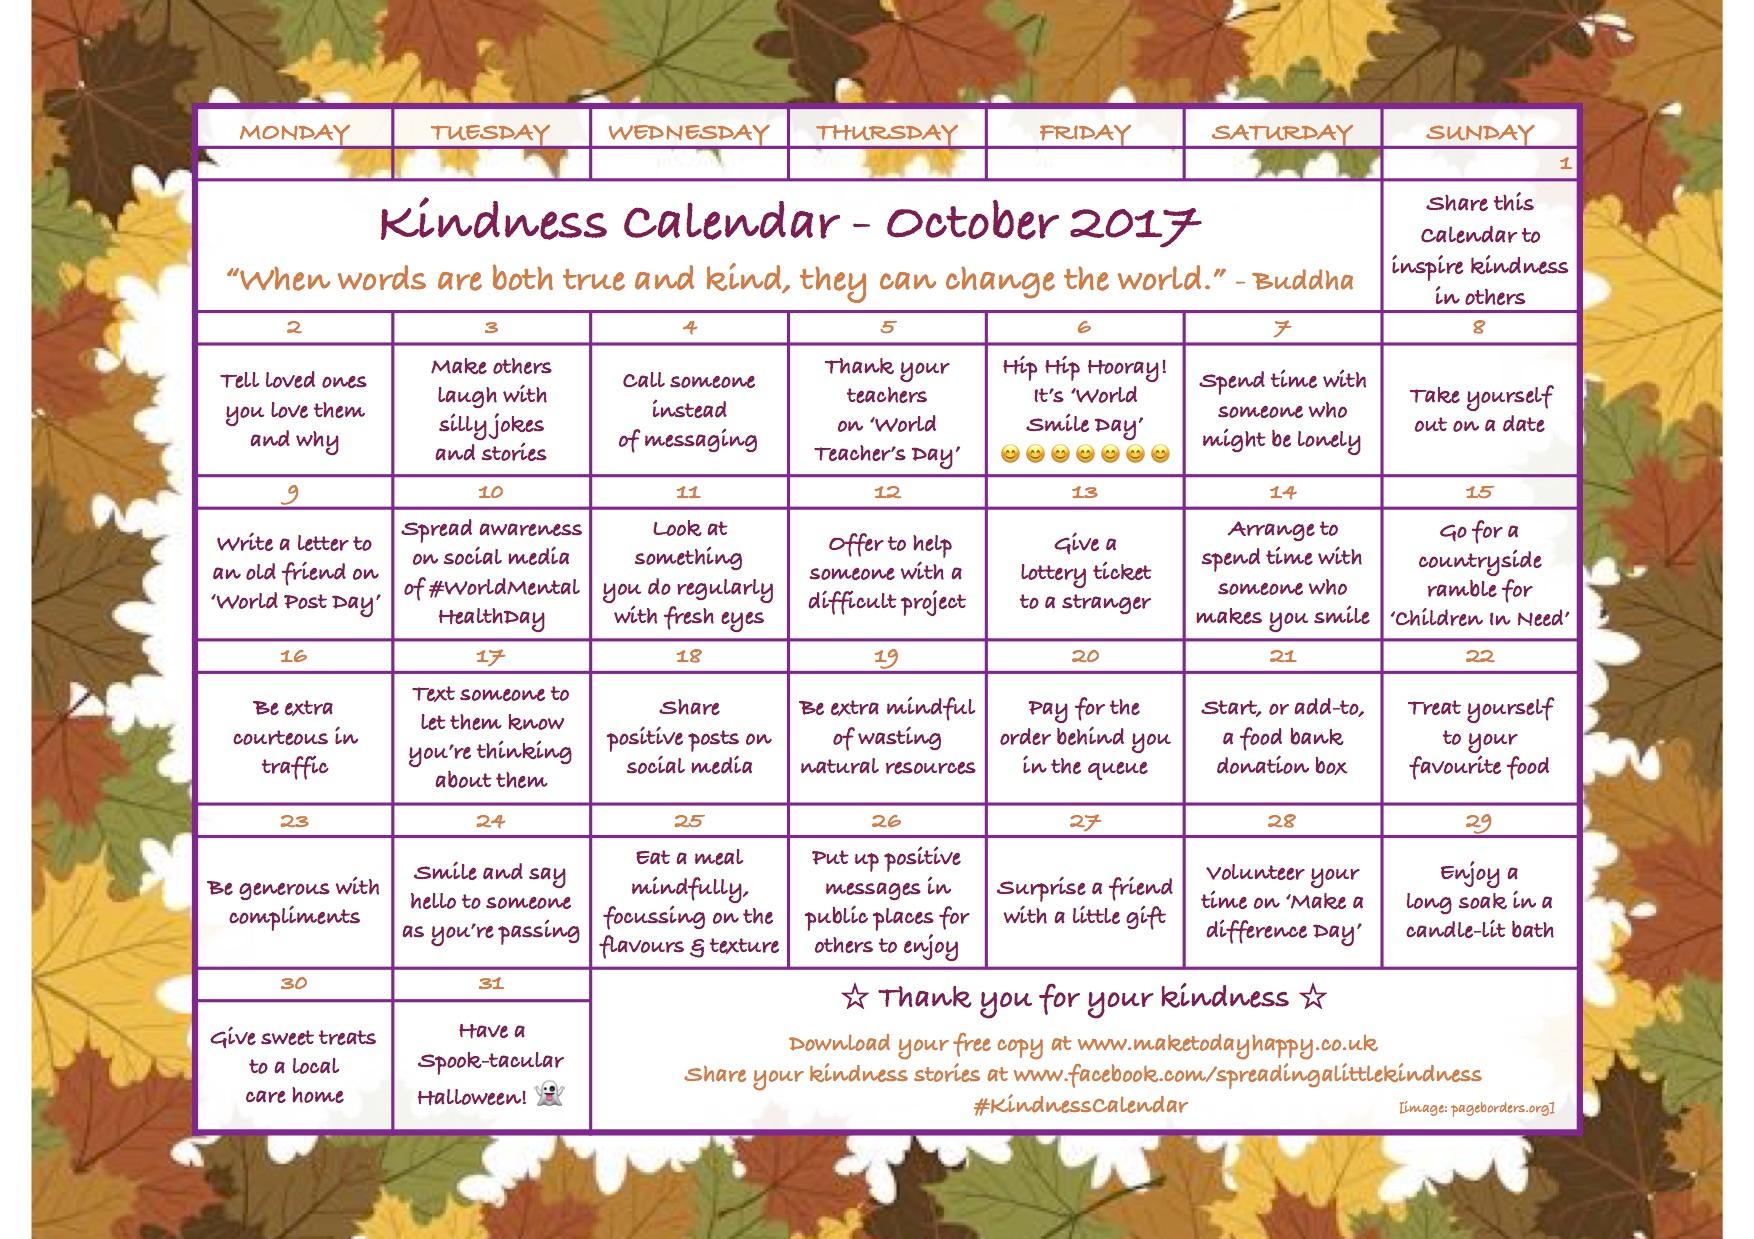 Kindness Calendar October 2017.jpg